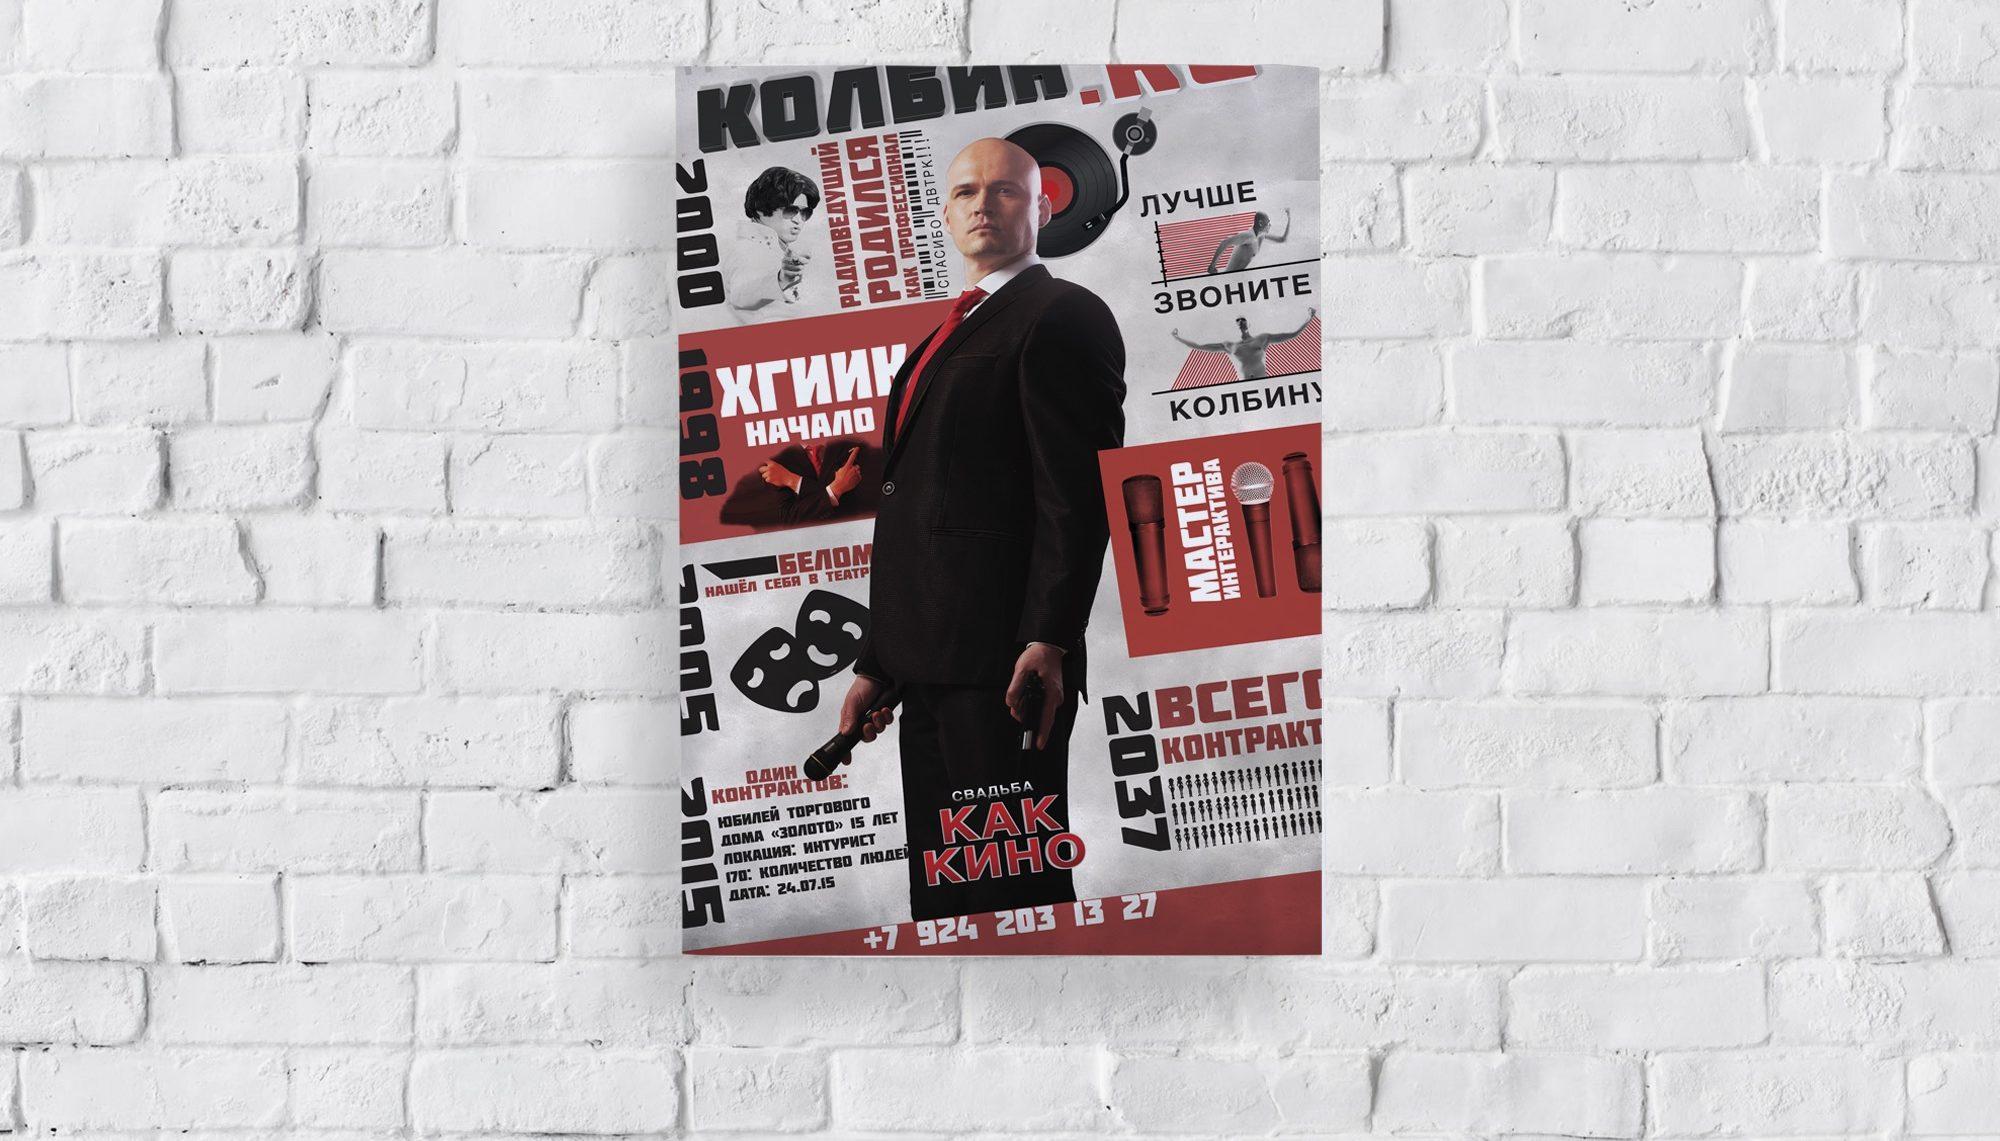 Дмитрий Колбин